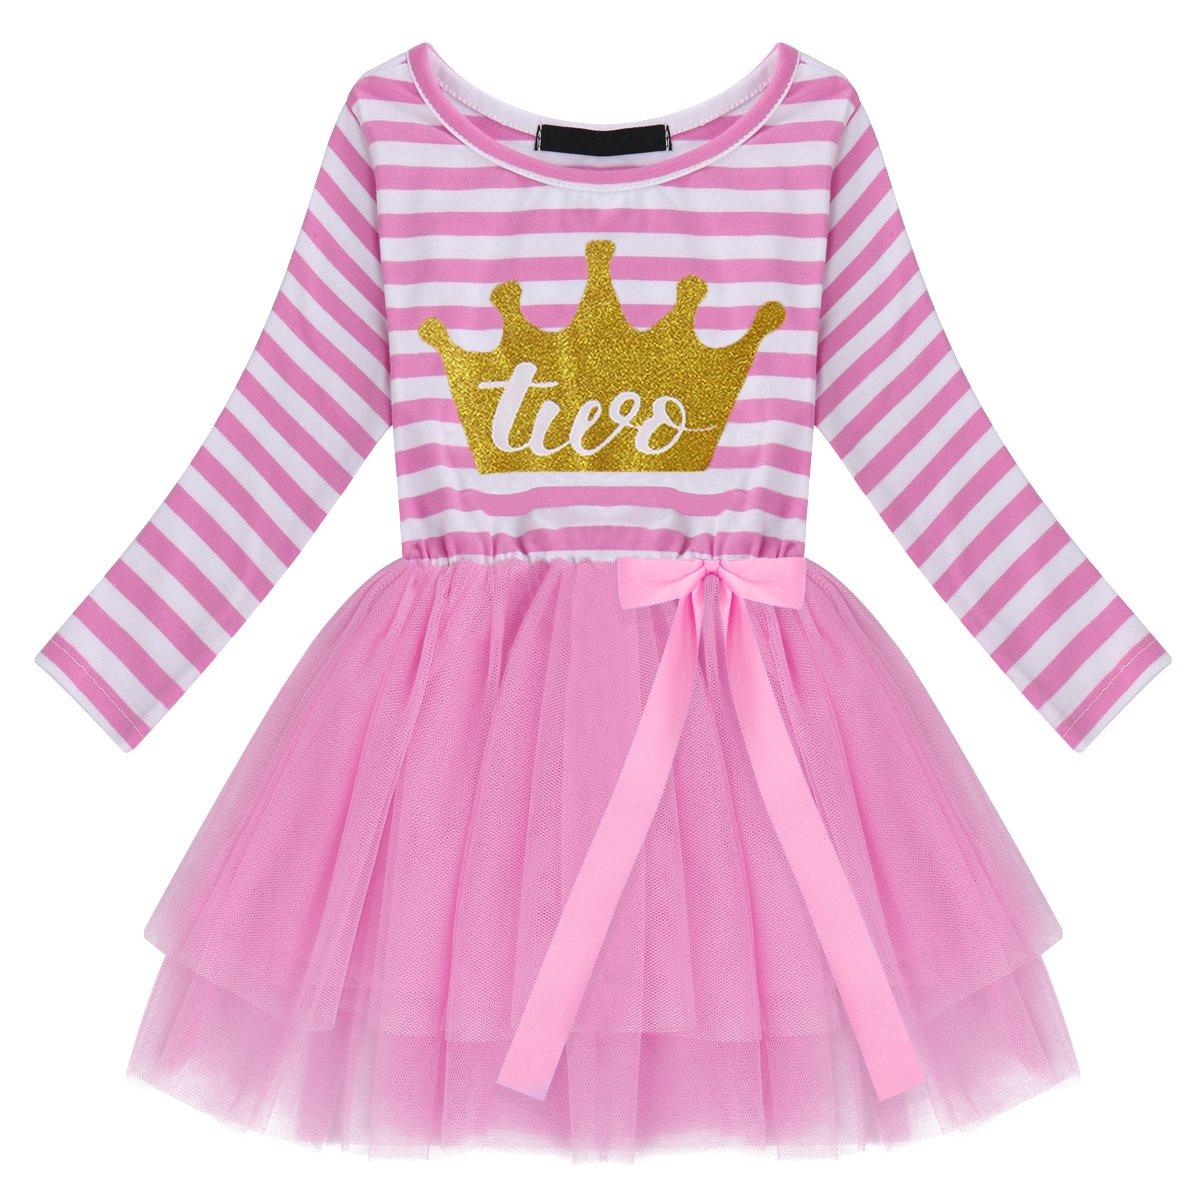 OBEEII Bambine Ragazze Costume Compleanno Neonato Stripes Pattern Stampa Maglia Tulle Vestito Principessa Tutu Gonna per Festa Cerimonia Fotografia 1-3 Anni